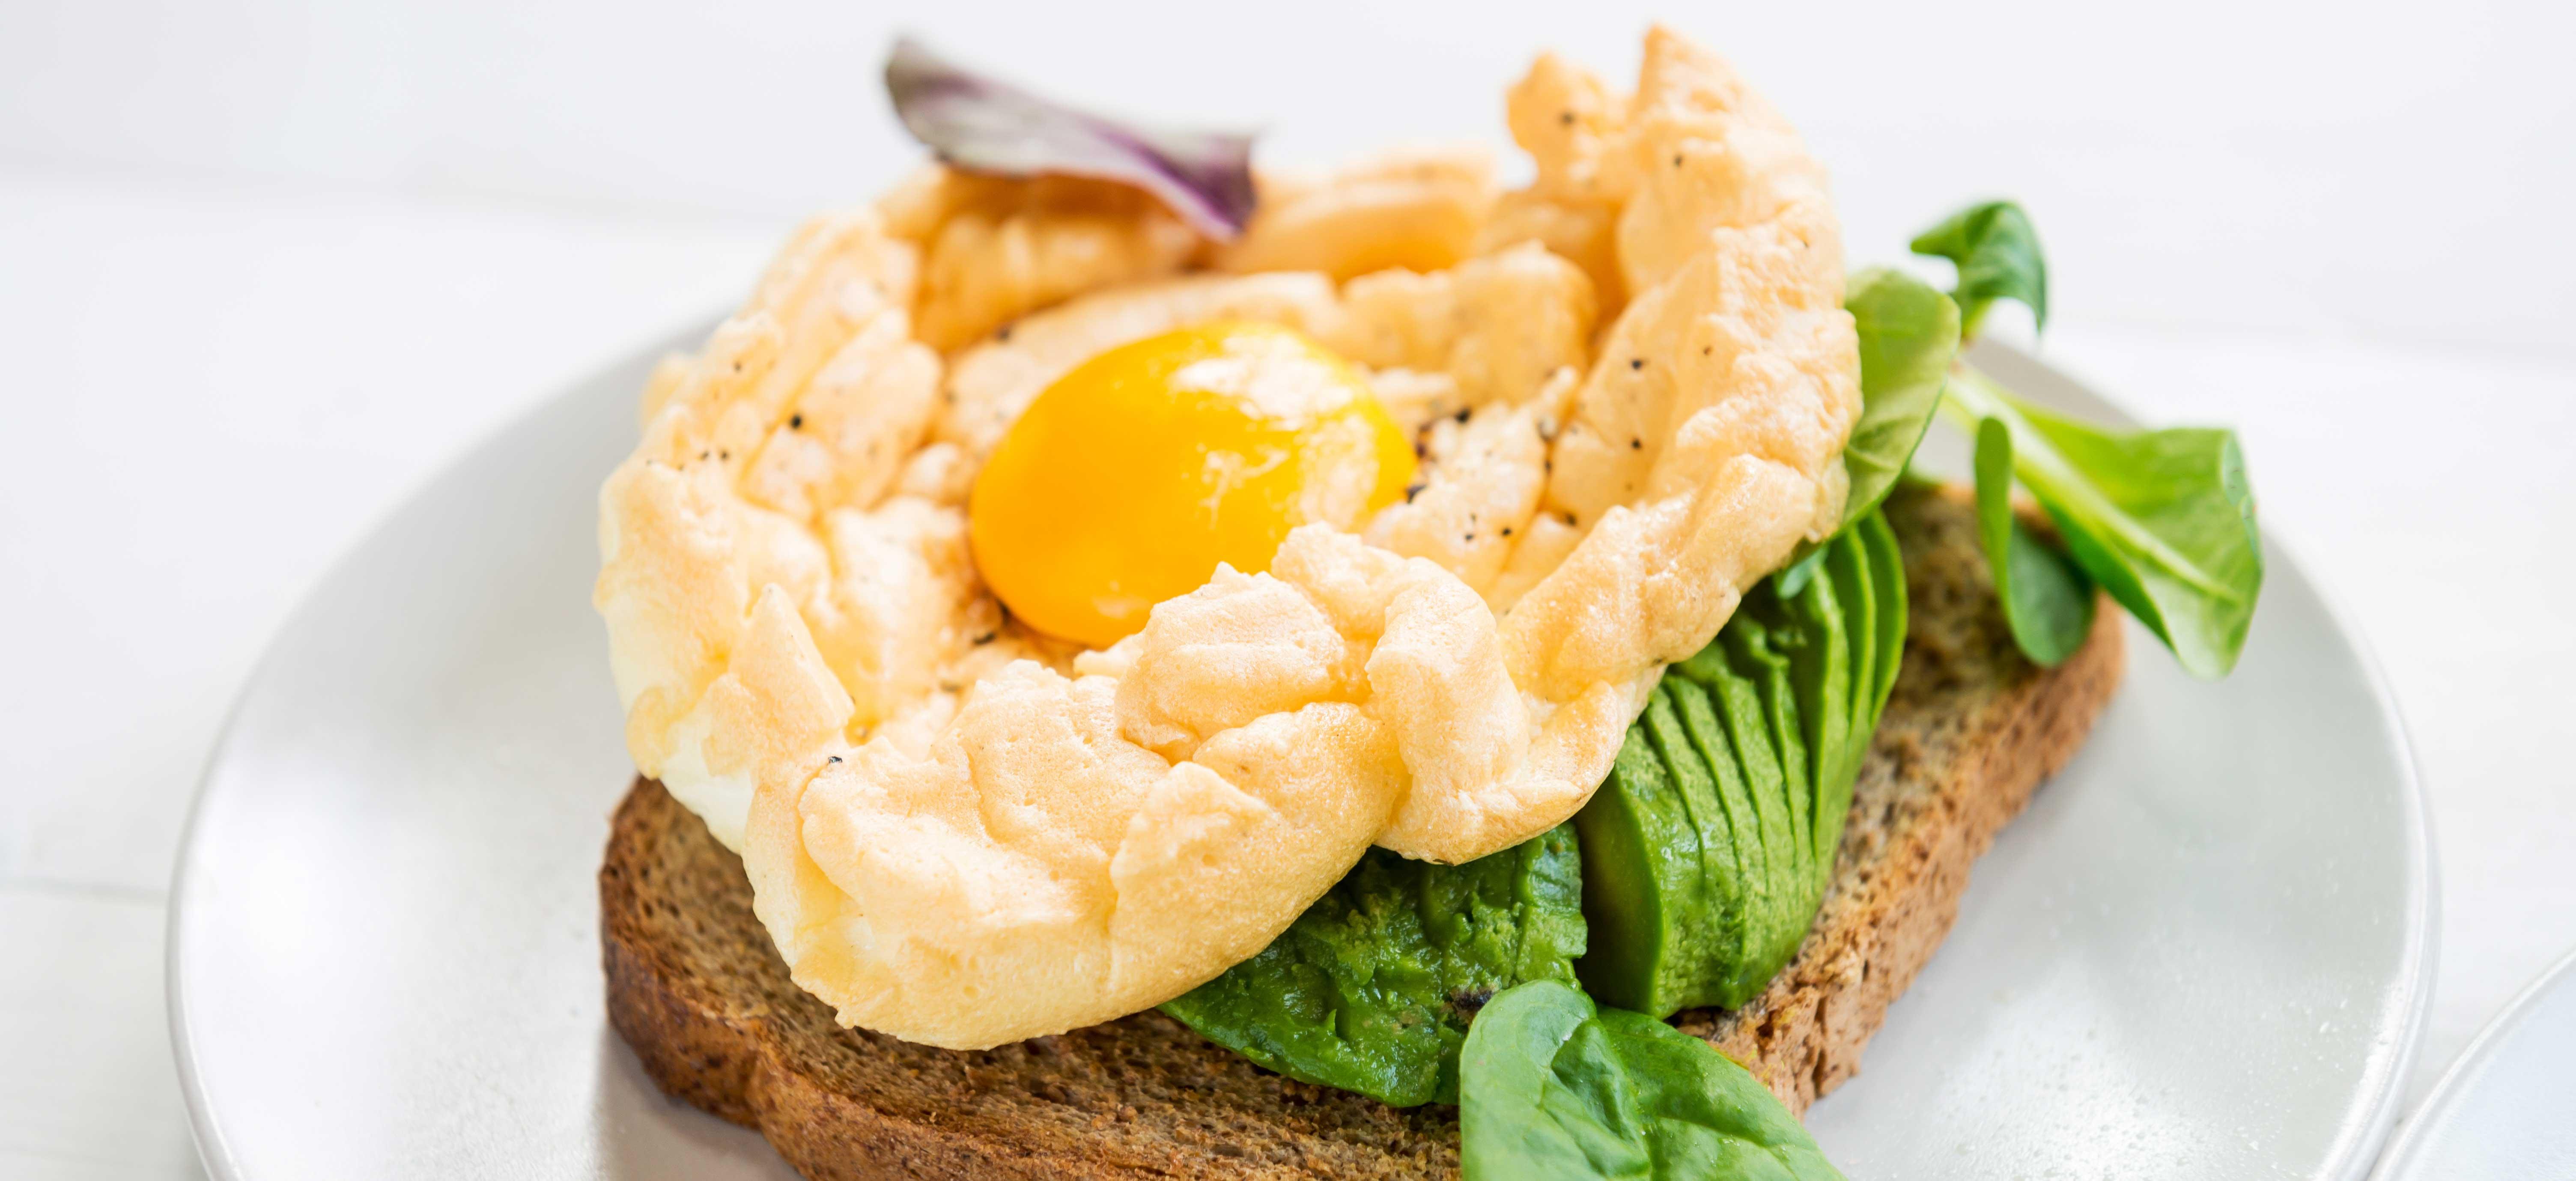 Cloud eggs met avocado en veldsla op geroosterd brood